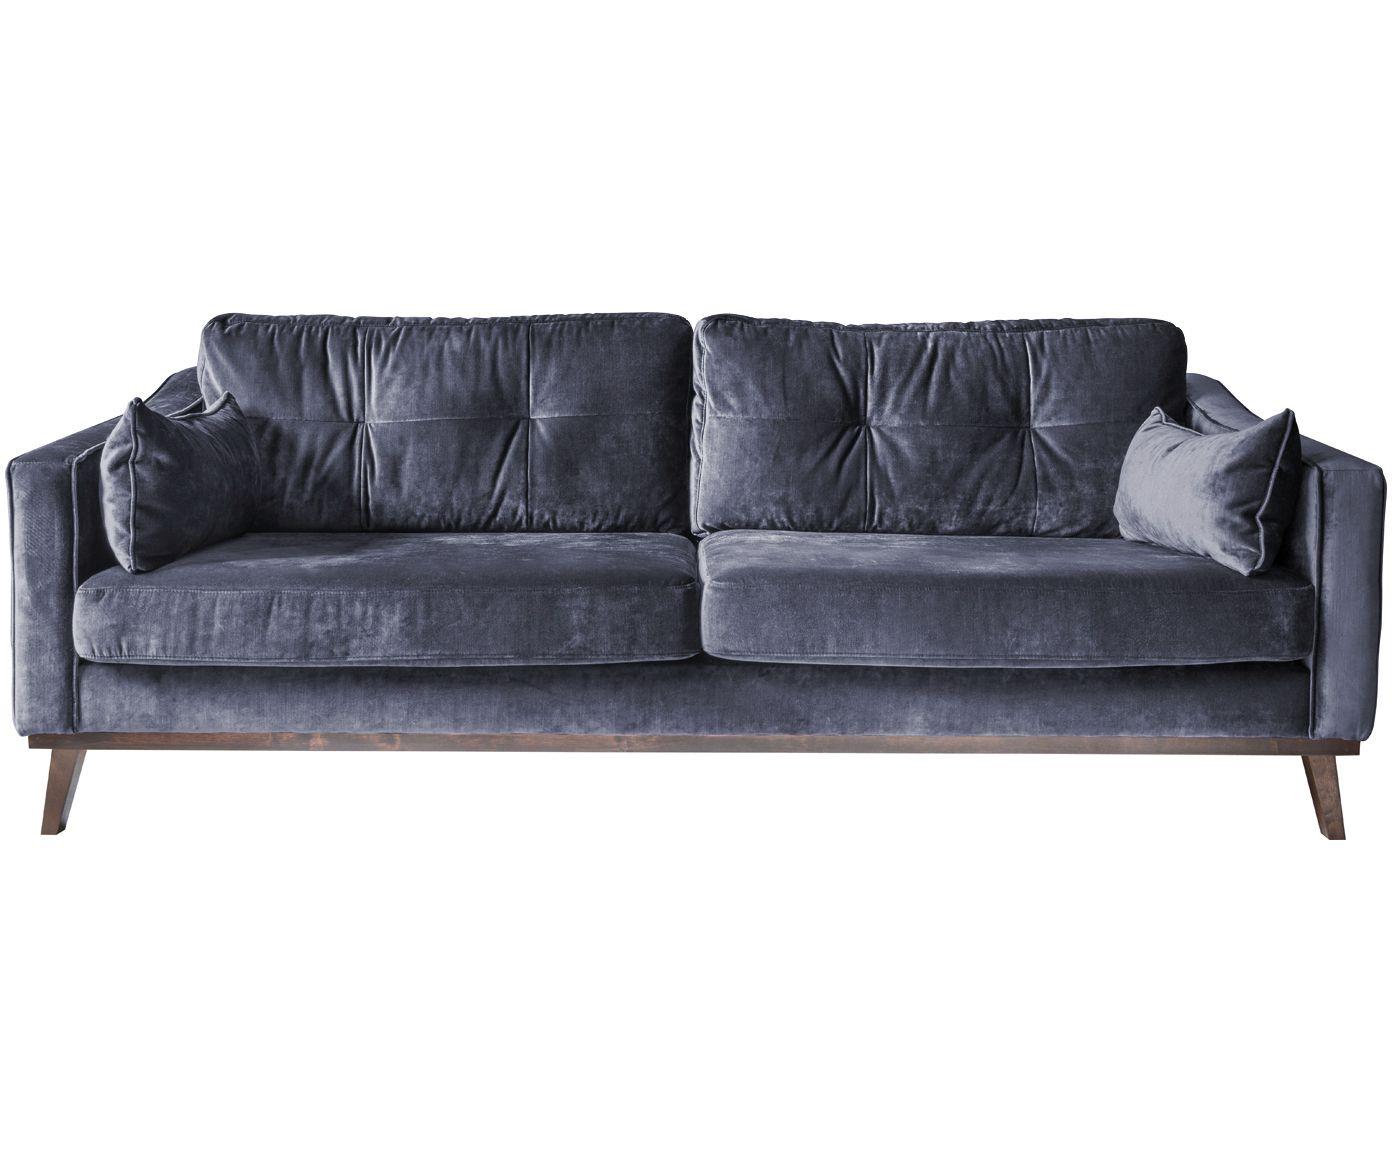 Designermöbel sofa  Samt-Sofa Almana (3-Sitzer) | Der traum, Lübeck und Hollywood